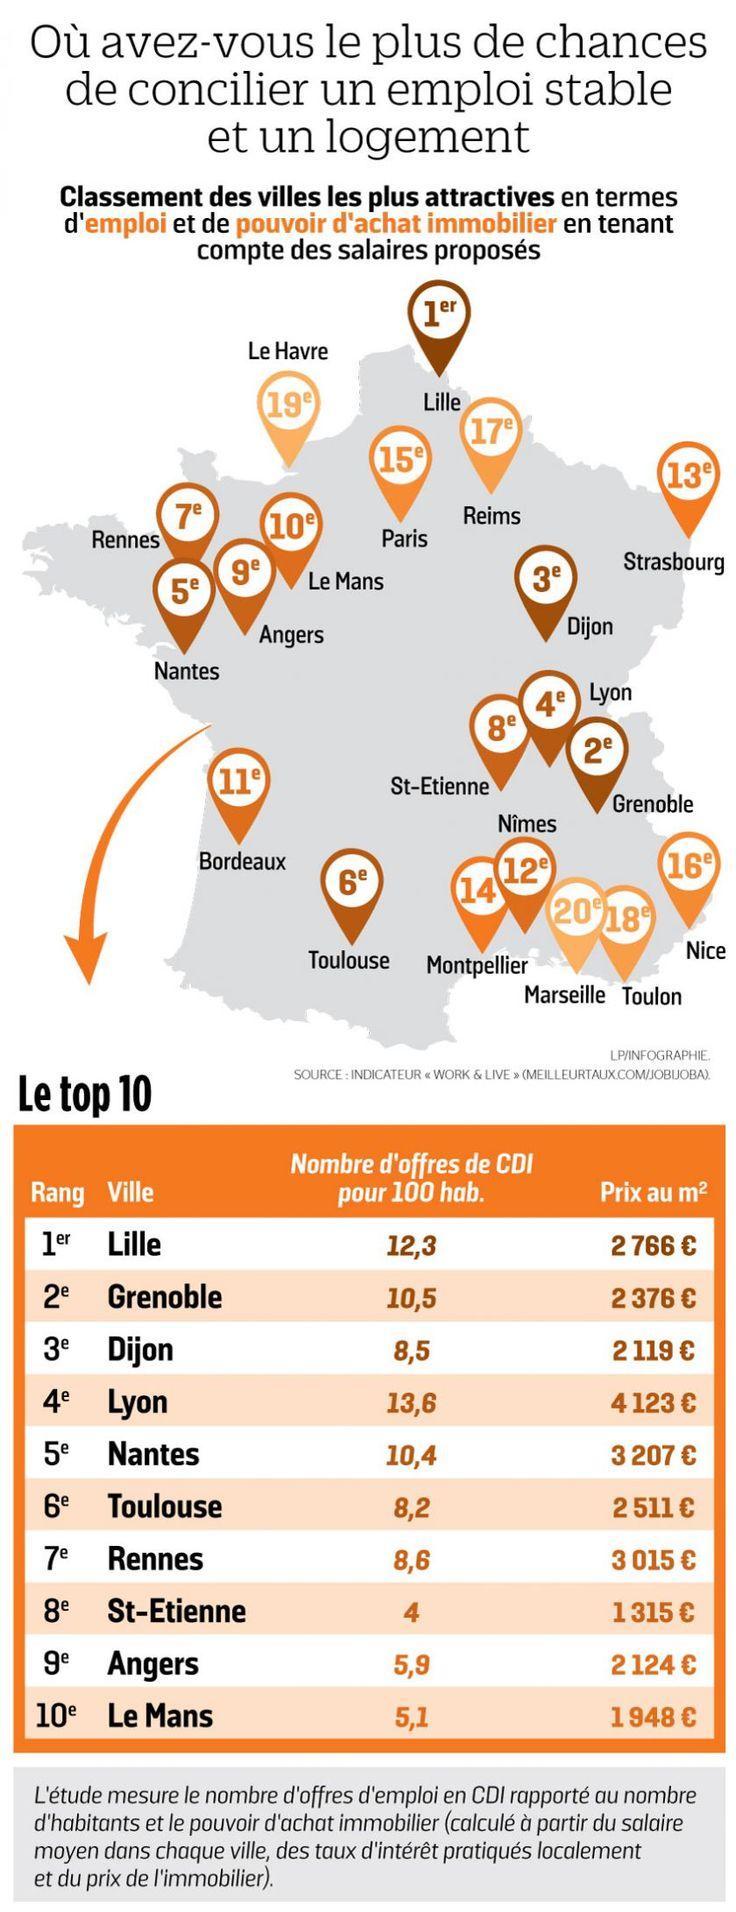 Ciudades donde es mas probable encontrar alojamiento y un empleo estable FRANCIA 2017